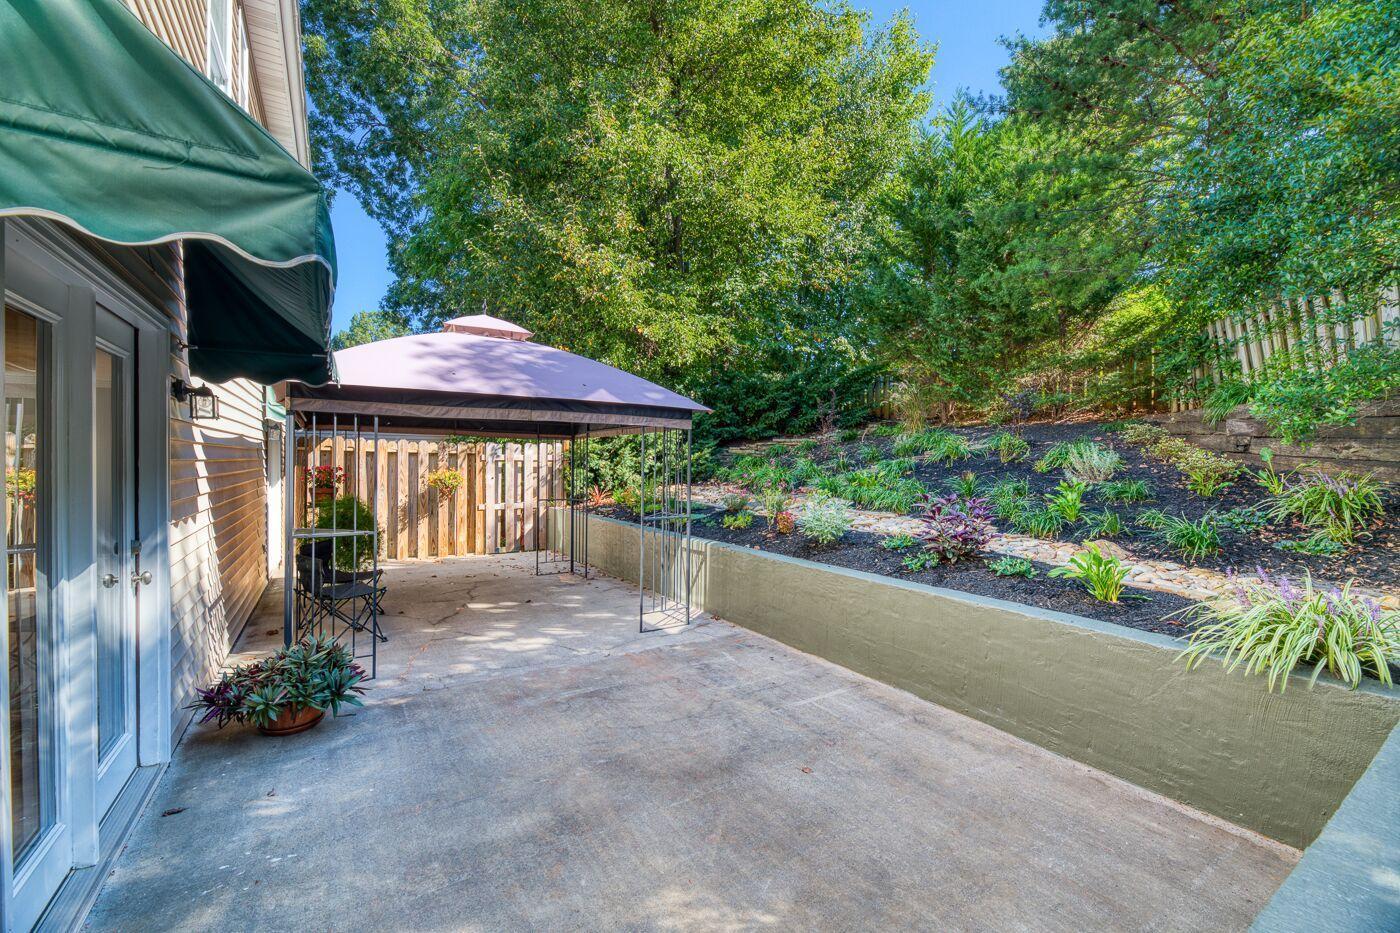 Ferncliff landscaped back yard